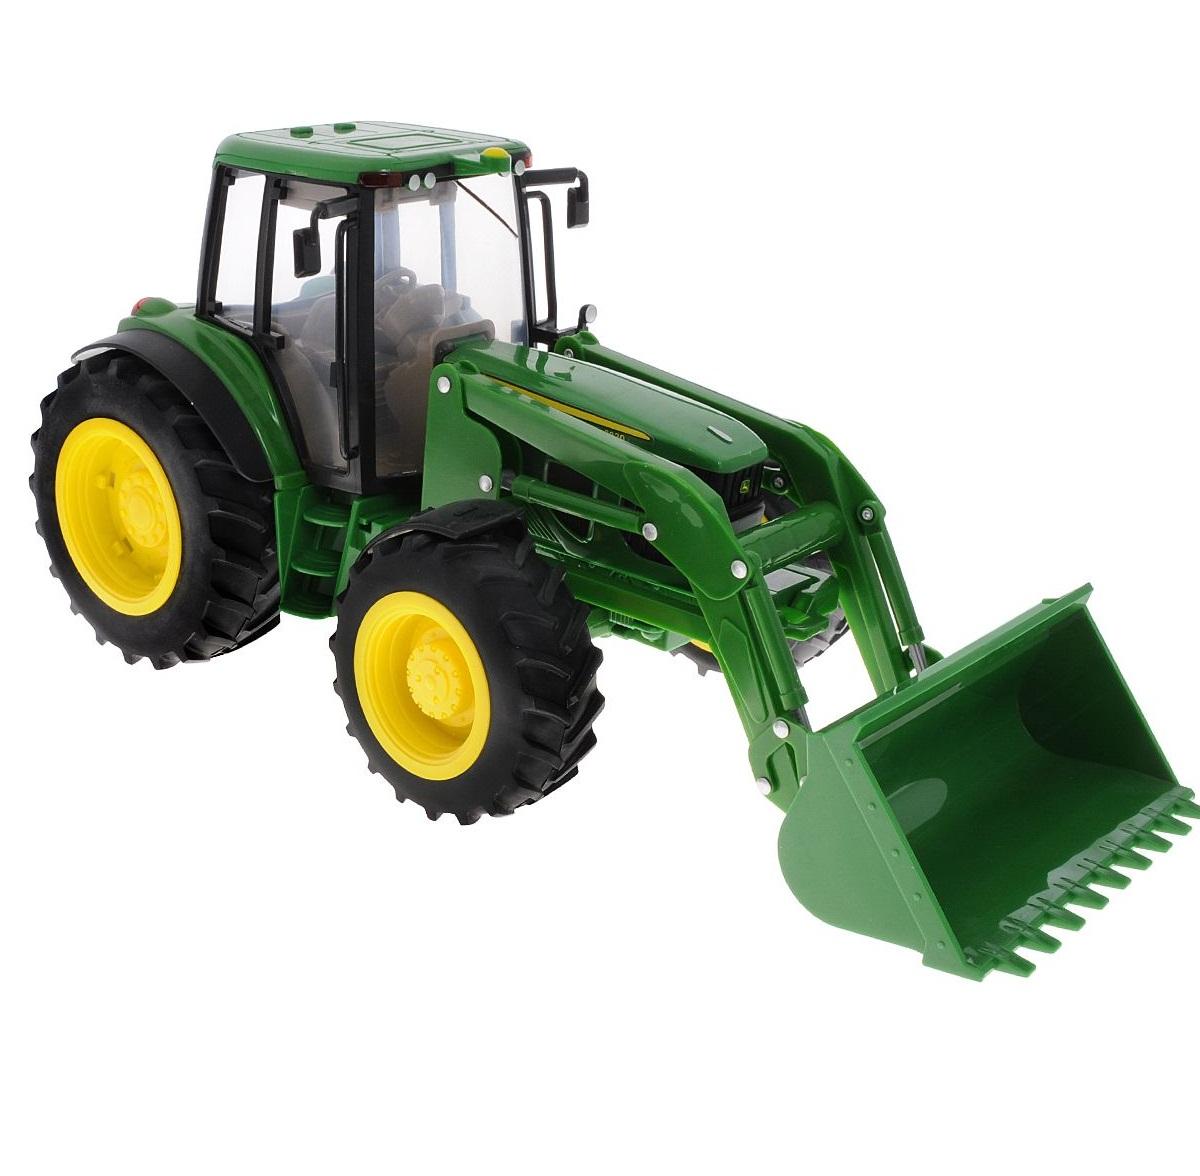 Трактор John Deere 6830 с двойными колесами и фронтальным погрузчикомИгрушечные тракторы<br>Трактор John Deere 6830 с двойными колесами и фронтальным погрузчиком<br>